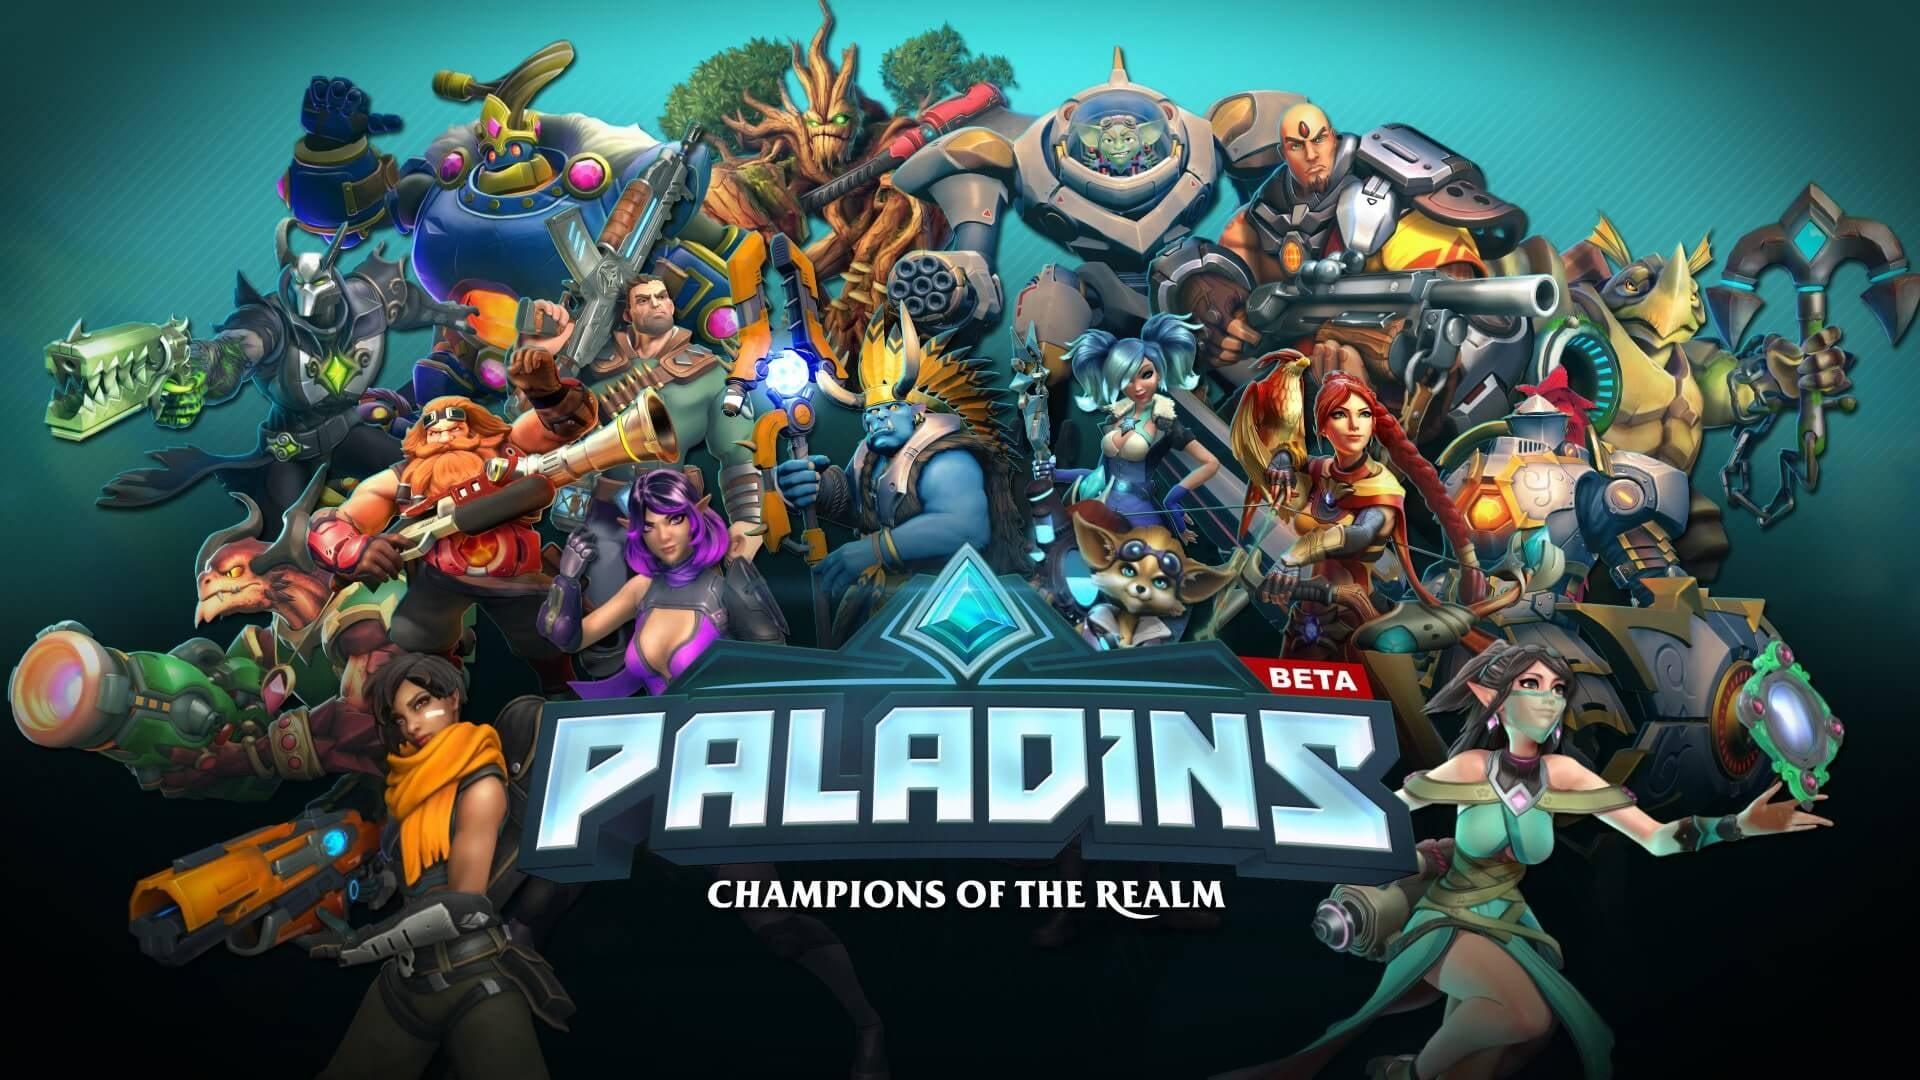 Kết quả hình ảnh cho Paladins: Champions of the Realm